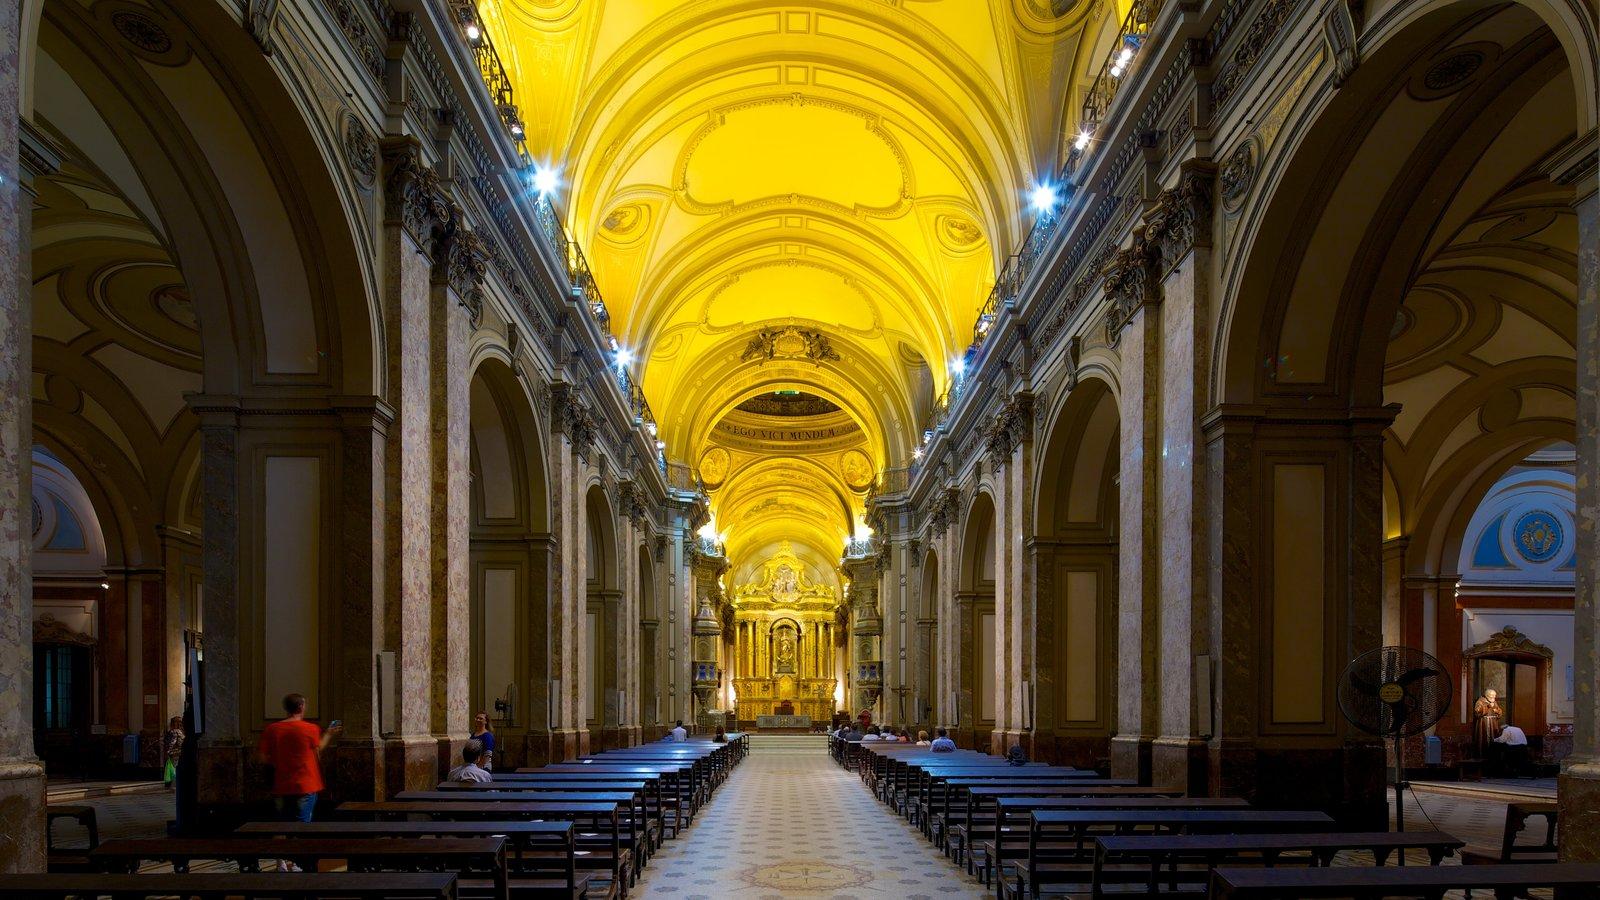 Catedral Metropolitana de Buenos Aires mostrando vistas internas, arquitetura de patrimônio e uma igreja ou catedral